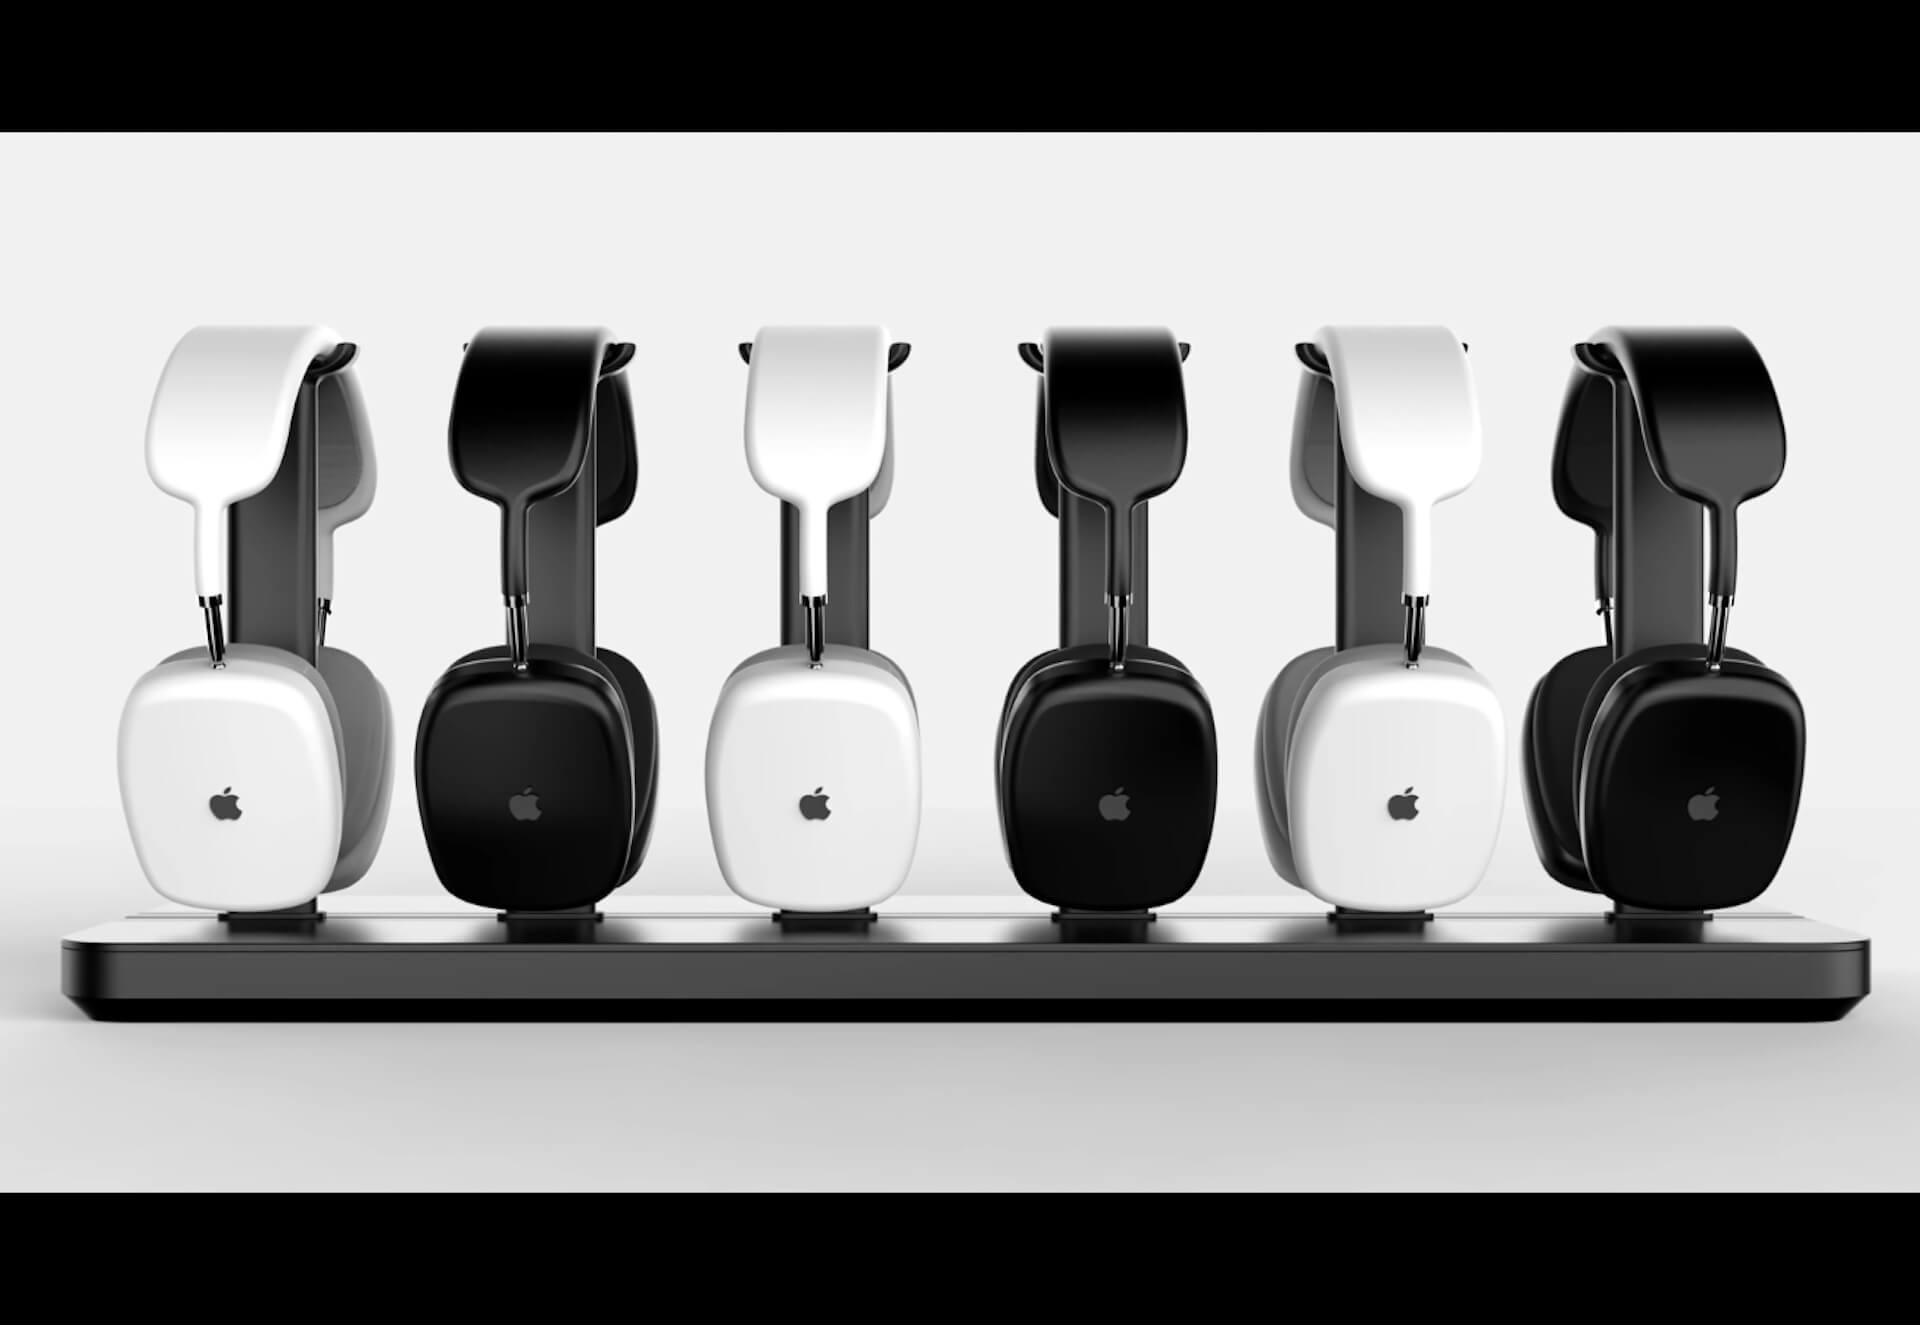 Appleから新ハードウェアが来週発表か!?12月8日にプレスリリースの形で登場の可能性 tech201204_apple_main